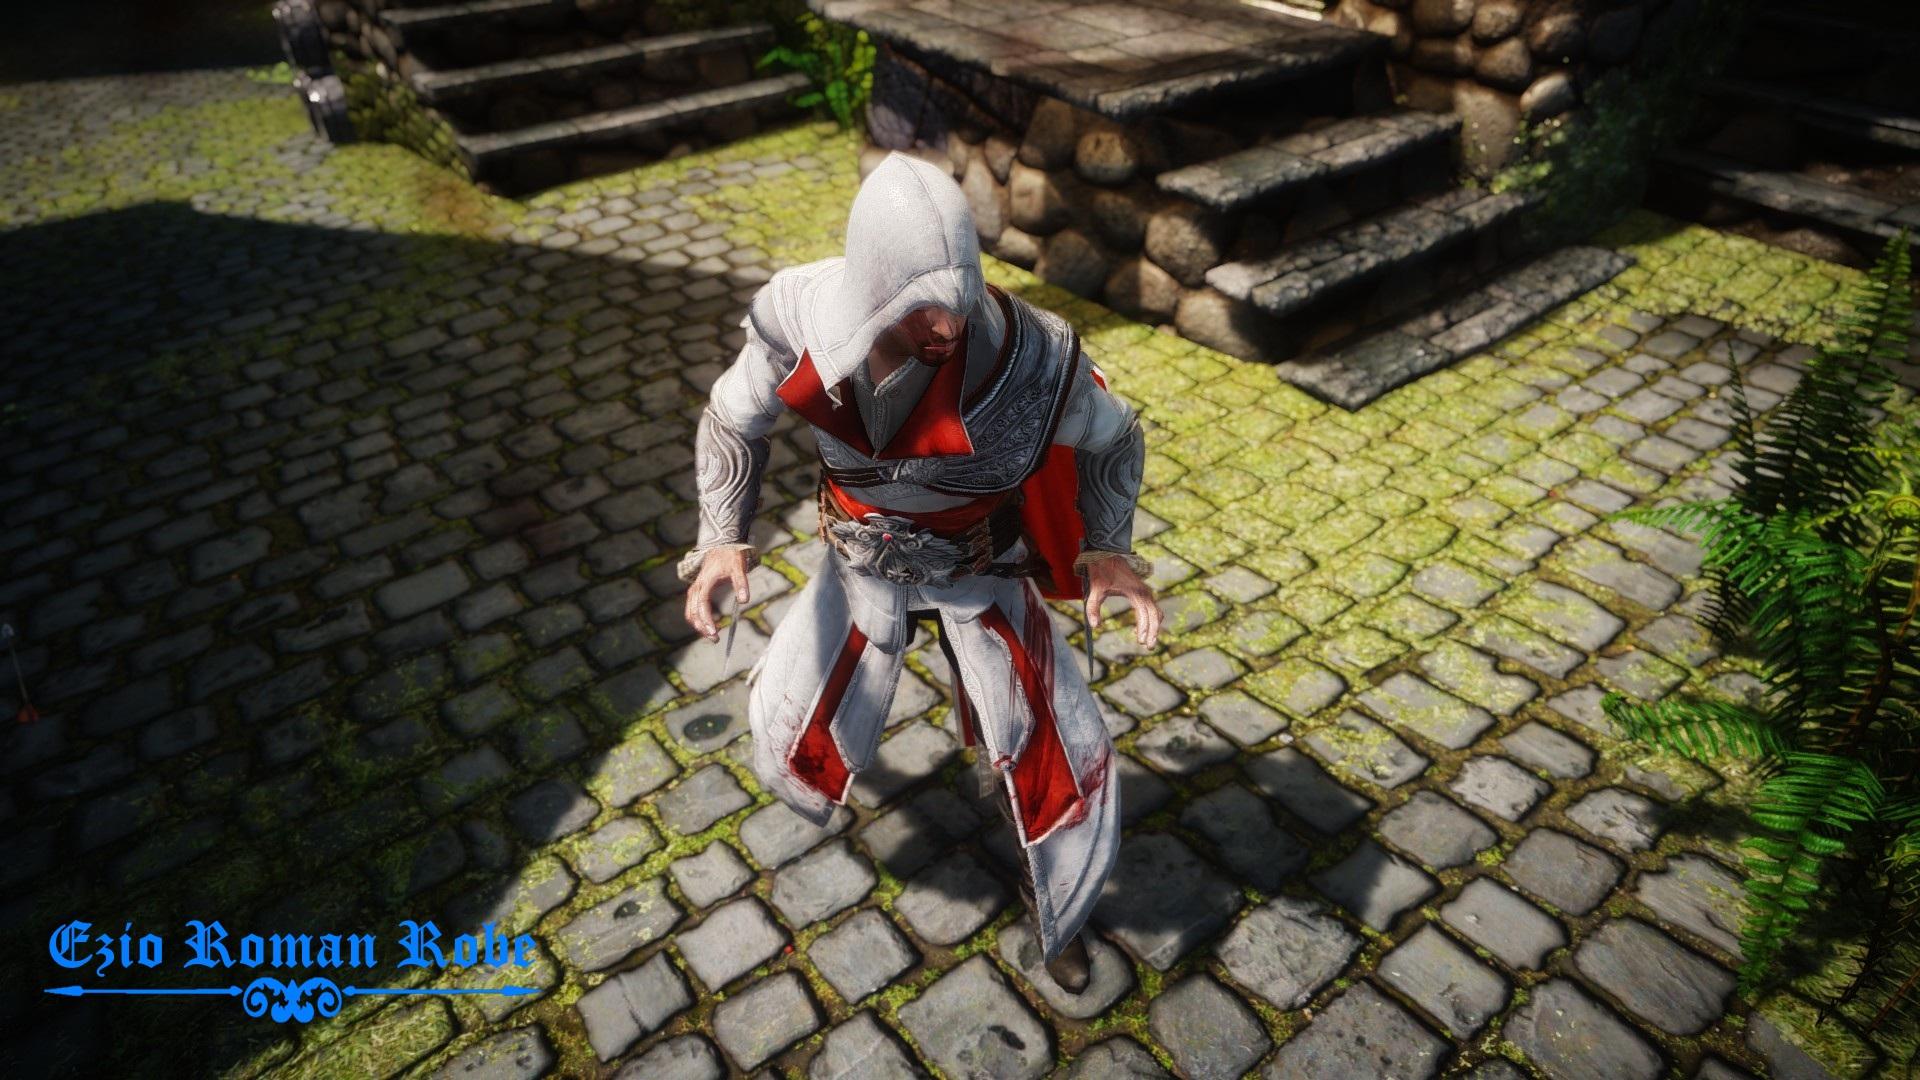 Ezio_Roman_Robe.jpg